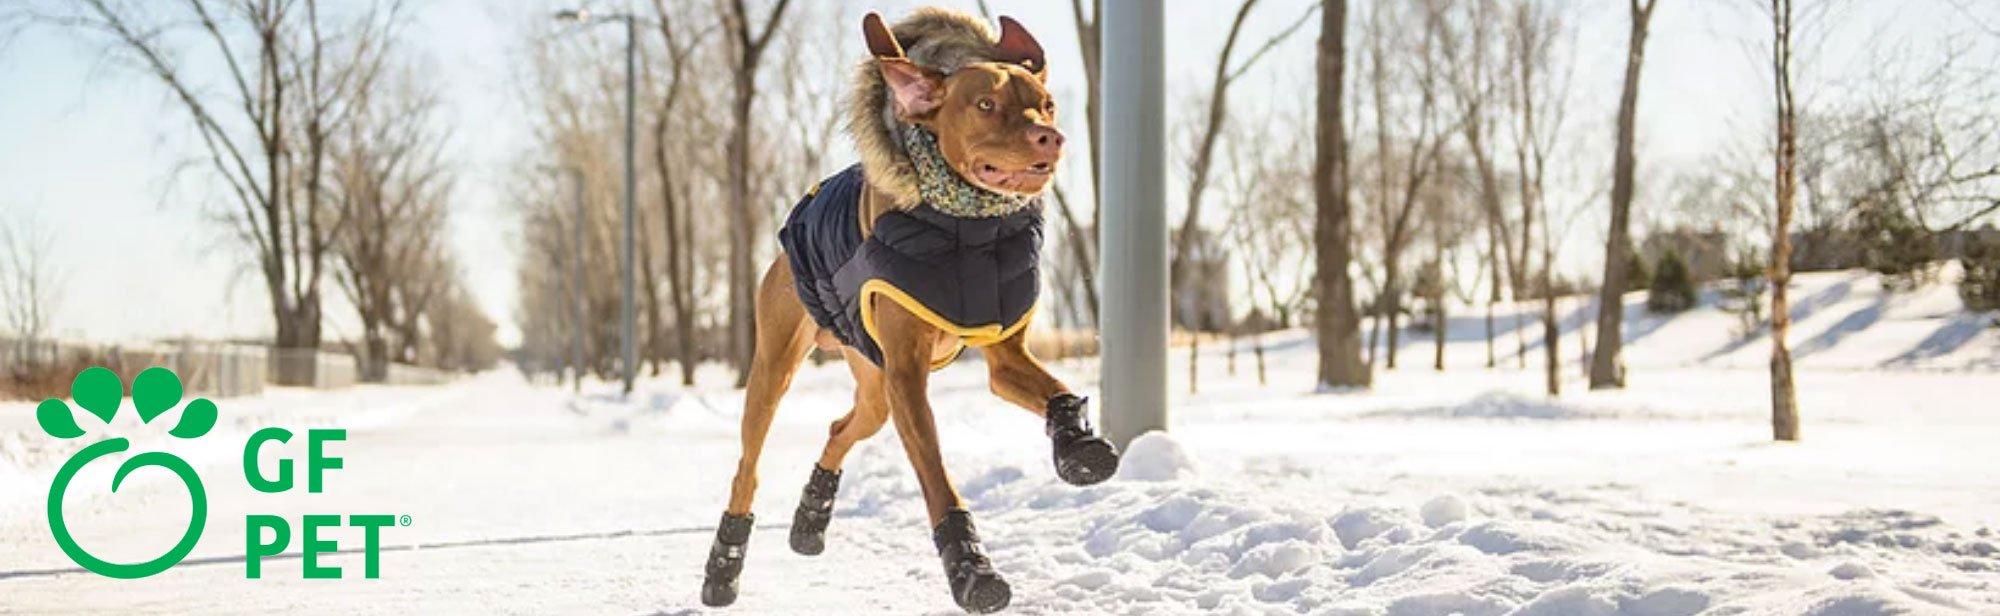 GF Pet Hundebekleidung, Bild 5